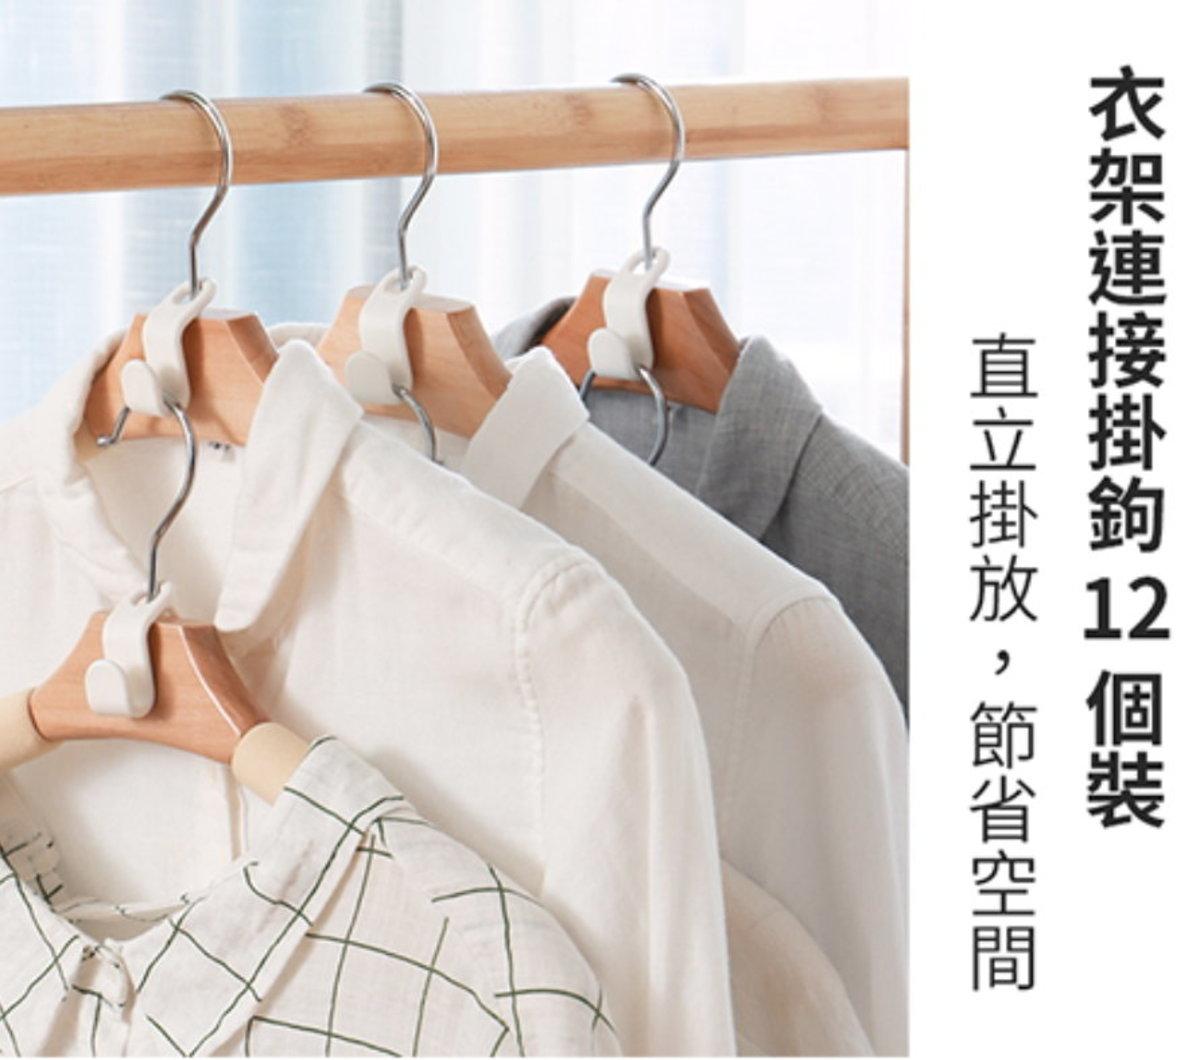 Hanger connection hook 12 packs